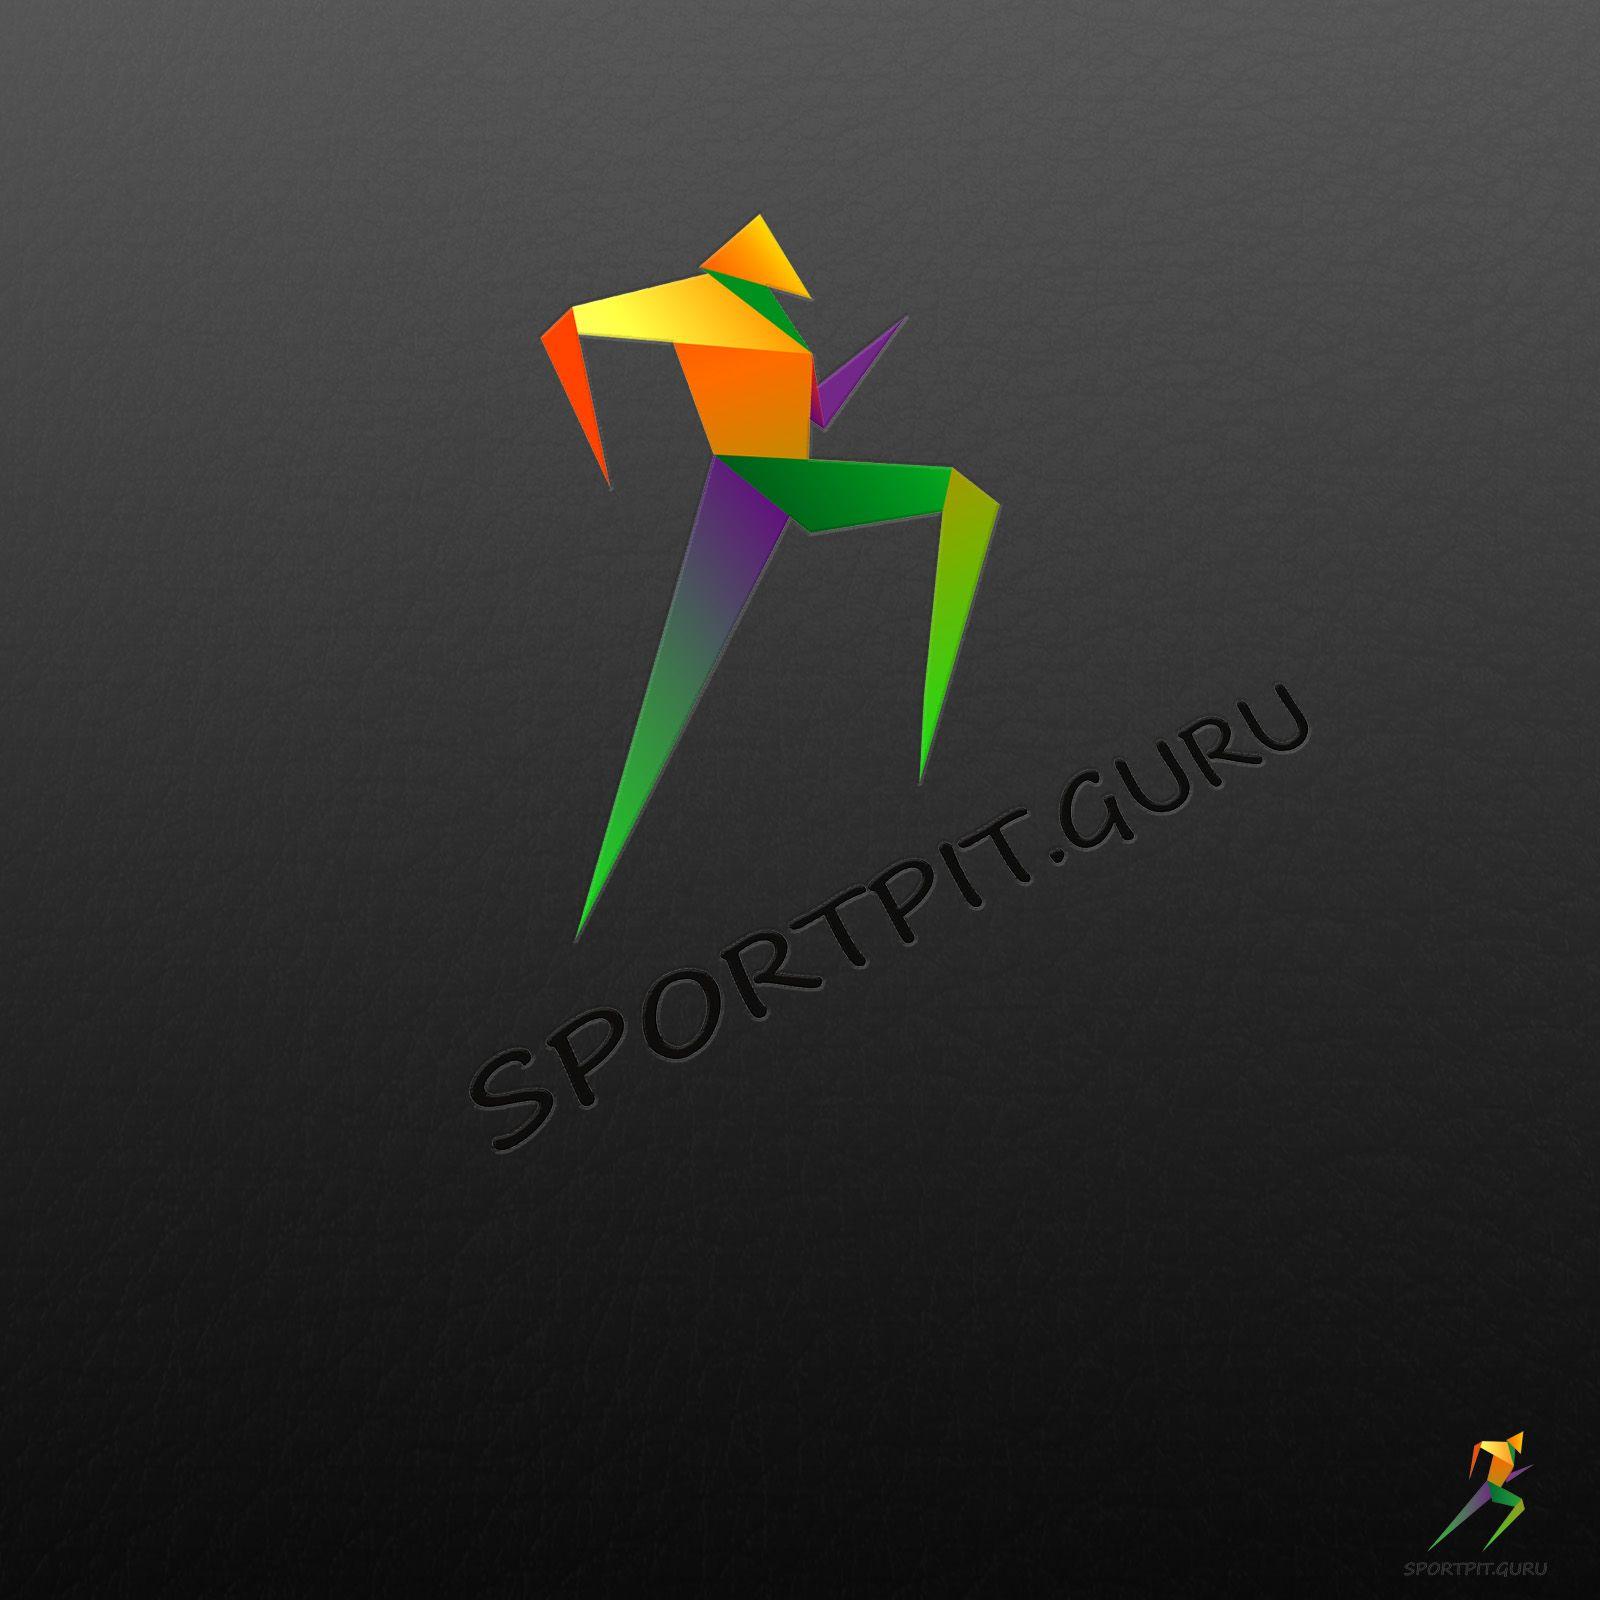 Магазины спортивного питания - дизайнер stason2008